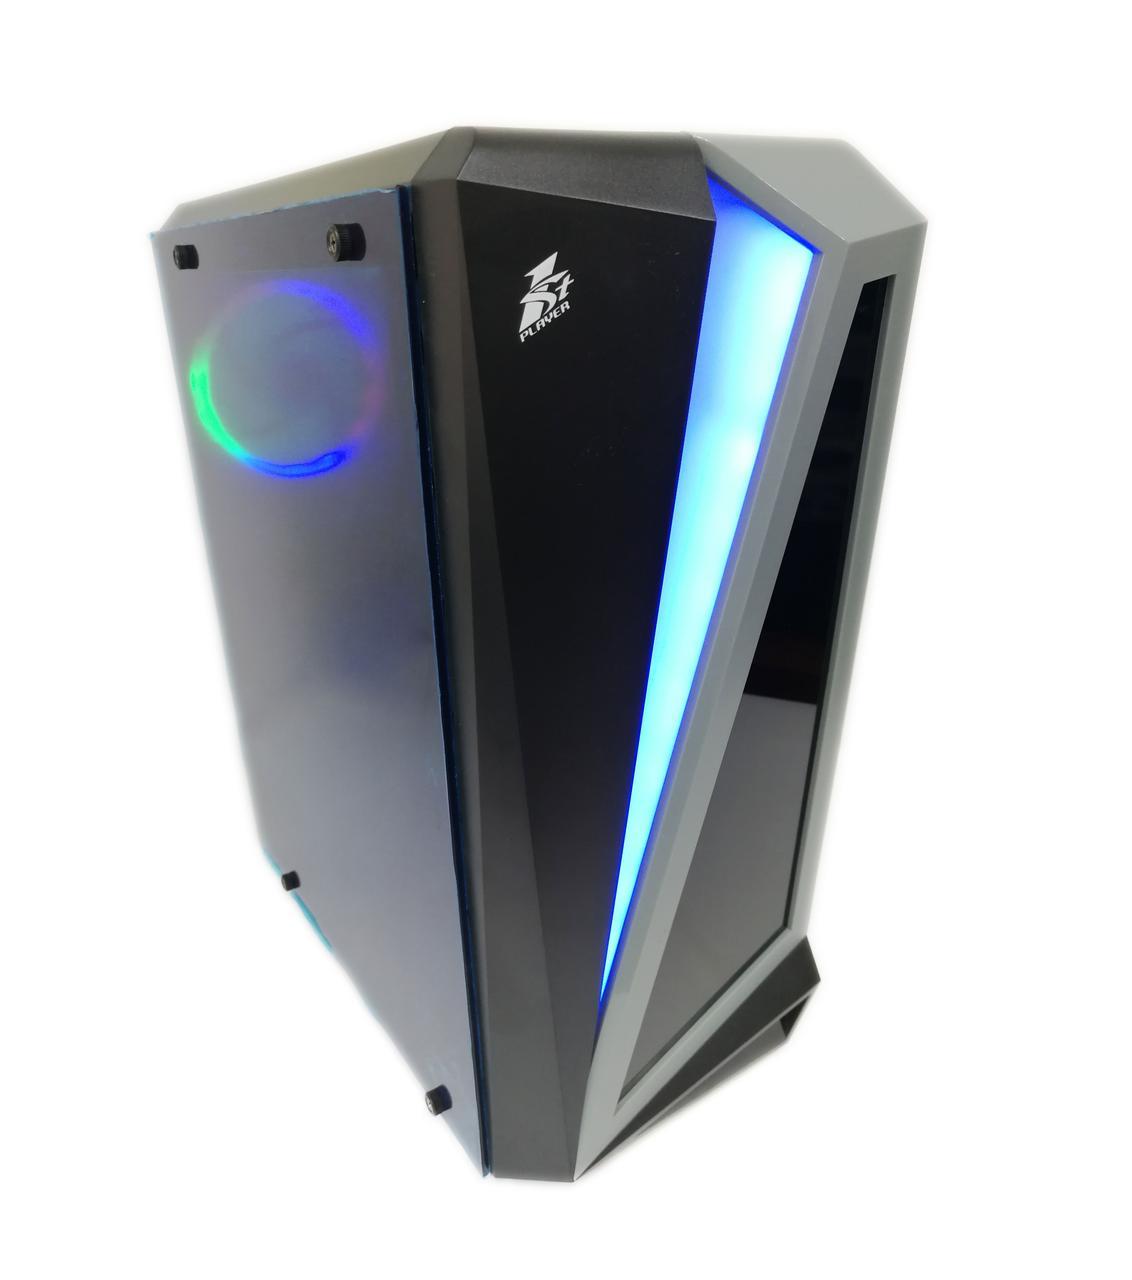 Игровой компьютер First Player ATX, Intel Core i5-4590, 16ГБ DDR3, SSD 120ГБ, HDD 500GB, GTX 1060 3GB